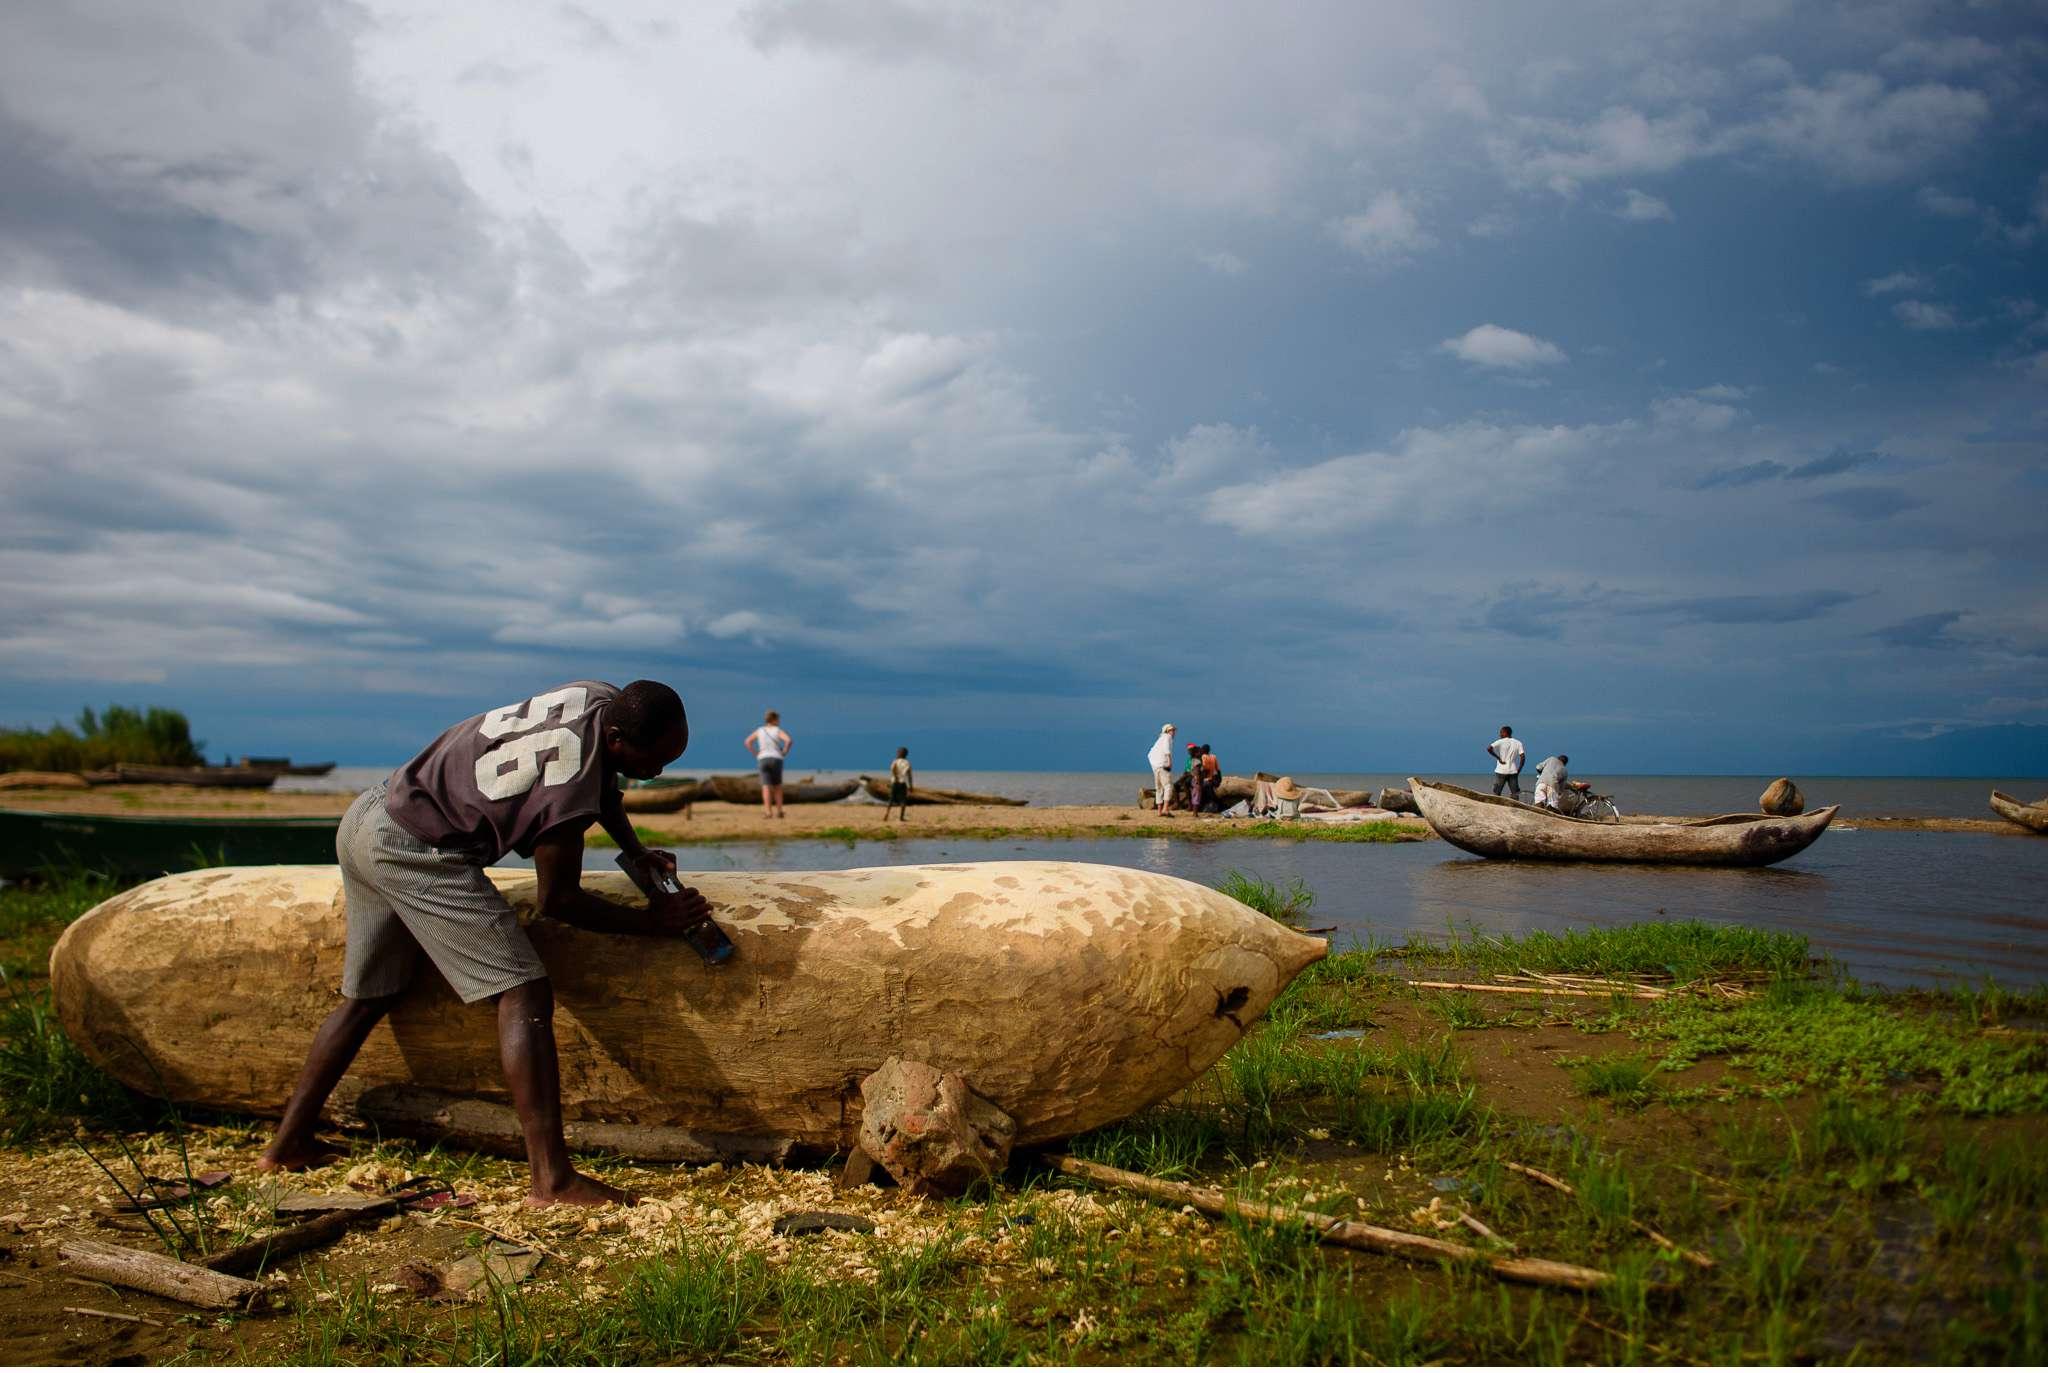 Malawi-Quer durch Afrika- Geschichten von unterwegs by Marion and Daniel-79